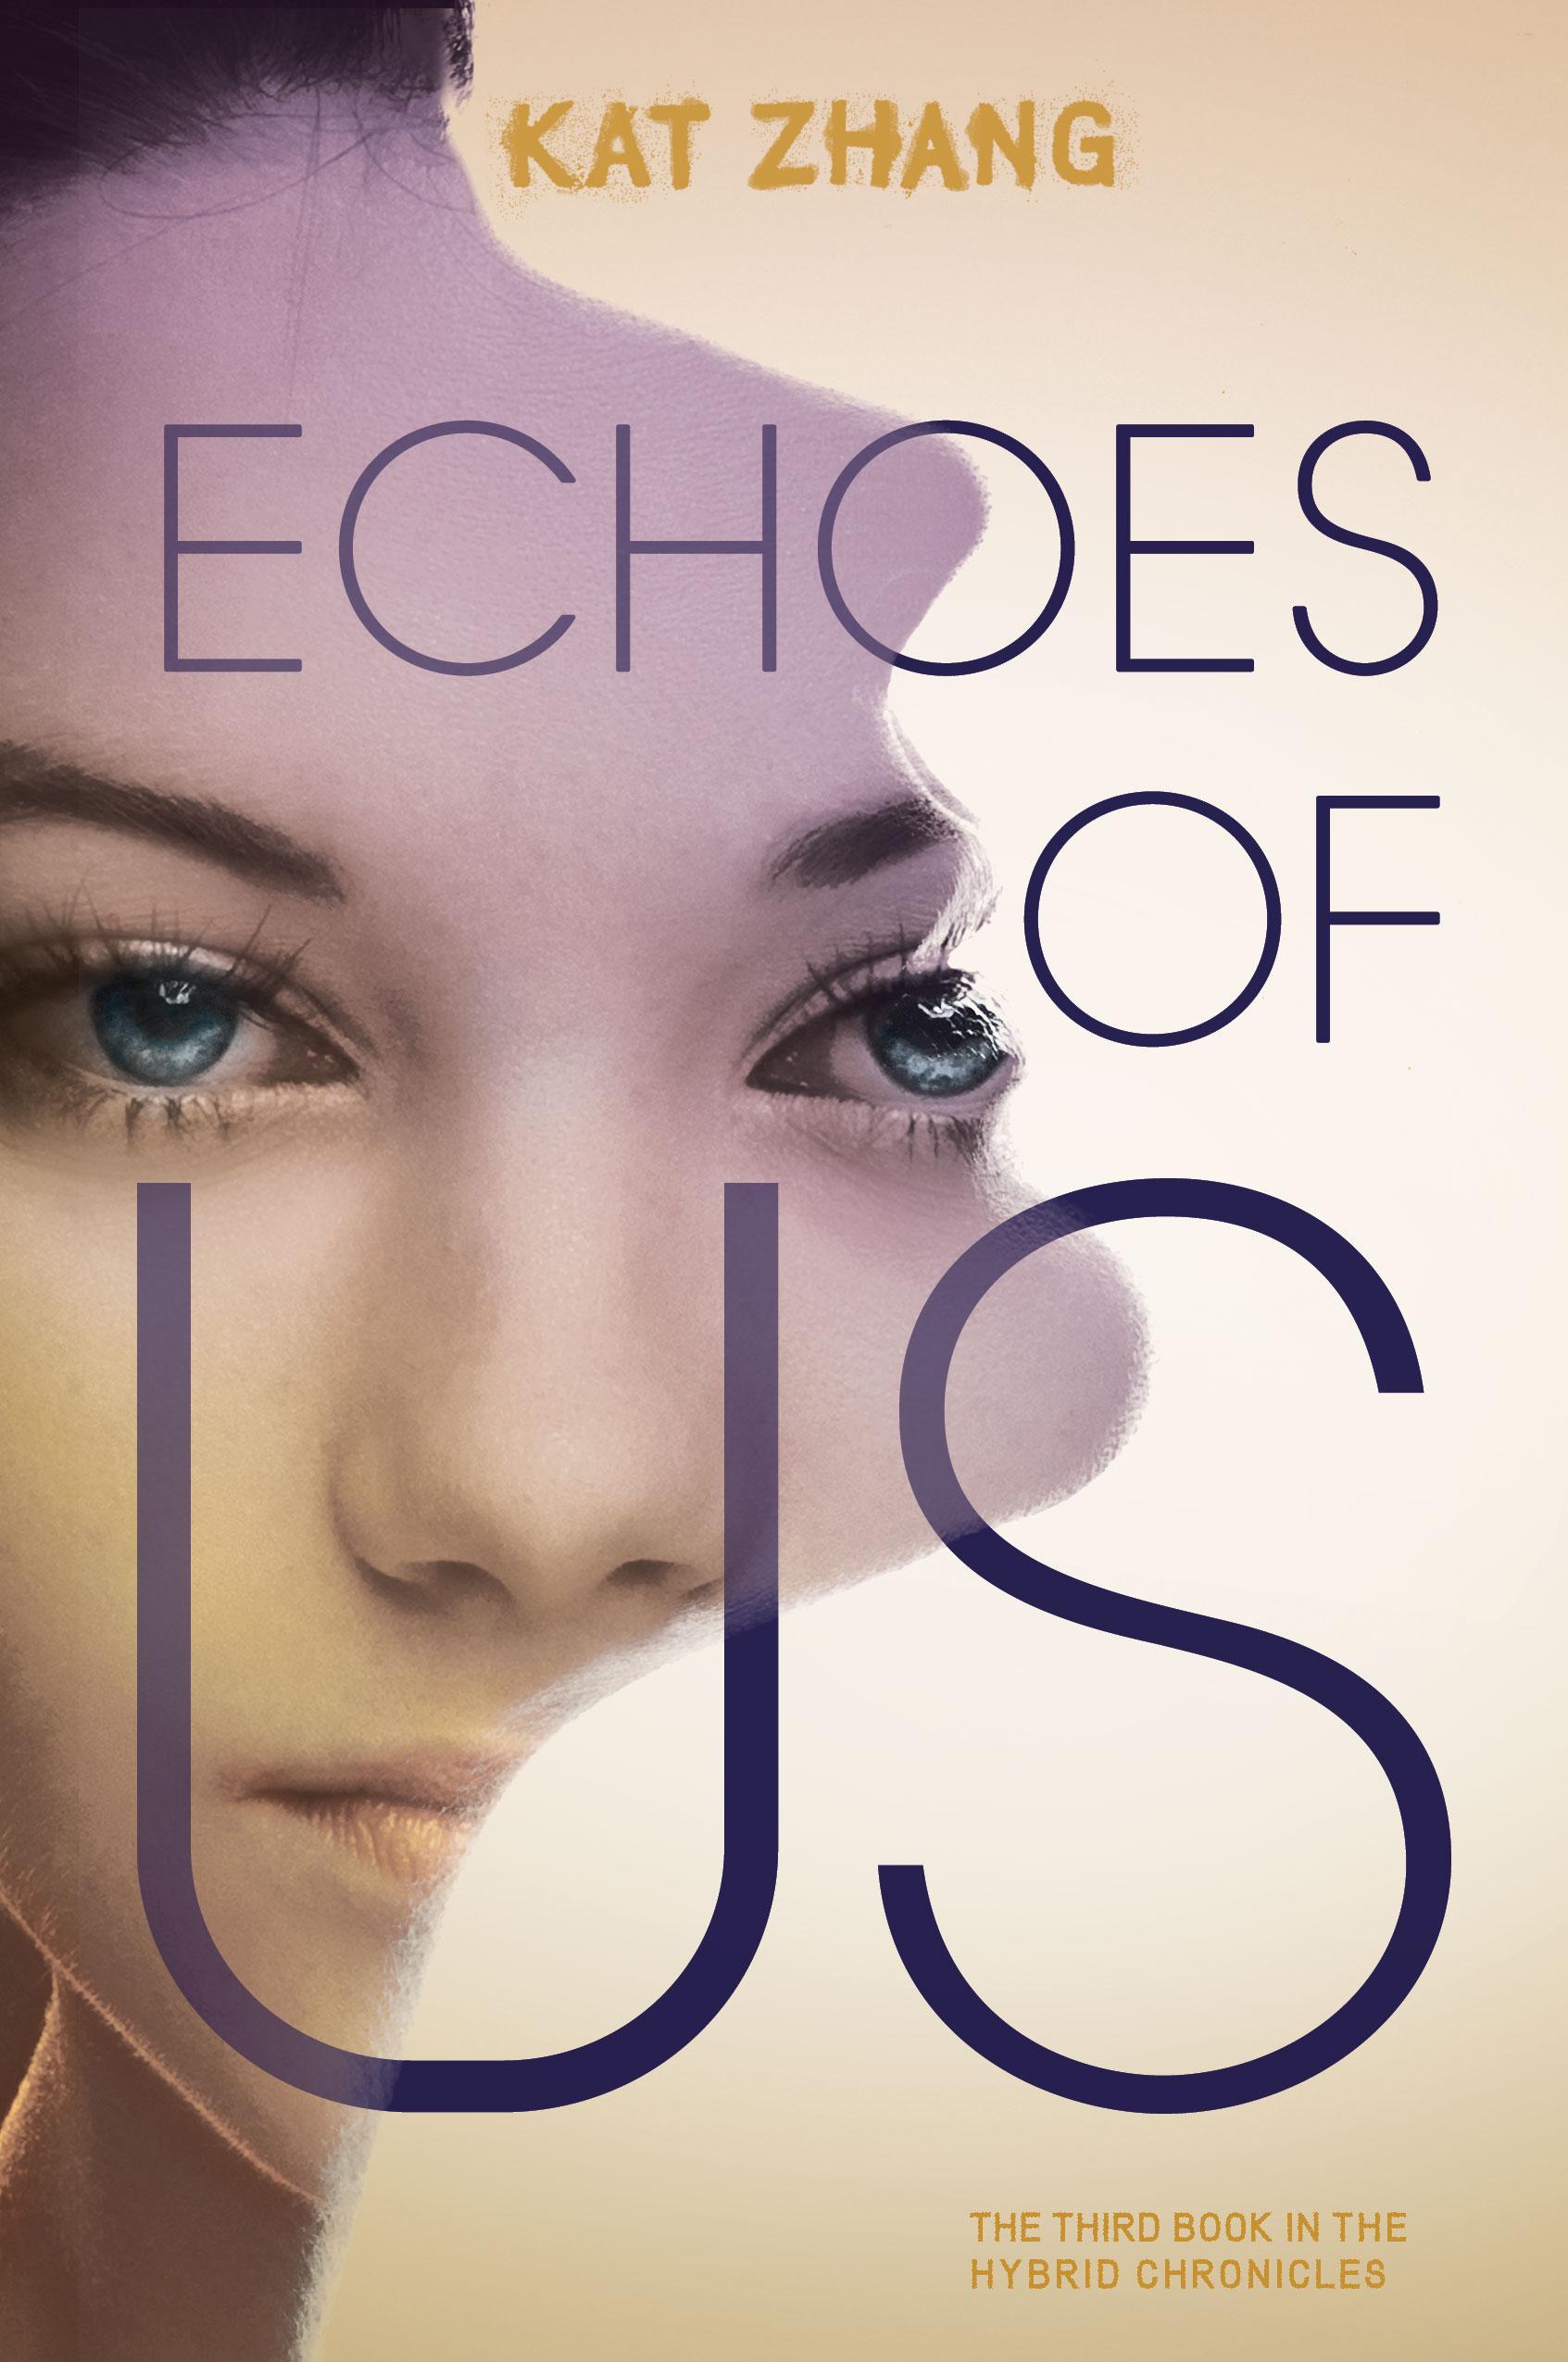 EchoesOfUS_HC_Cover 2.11.14